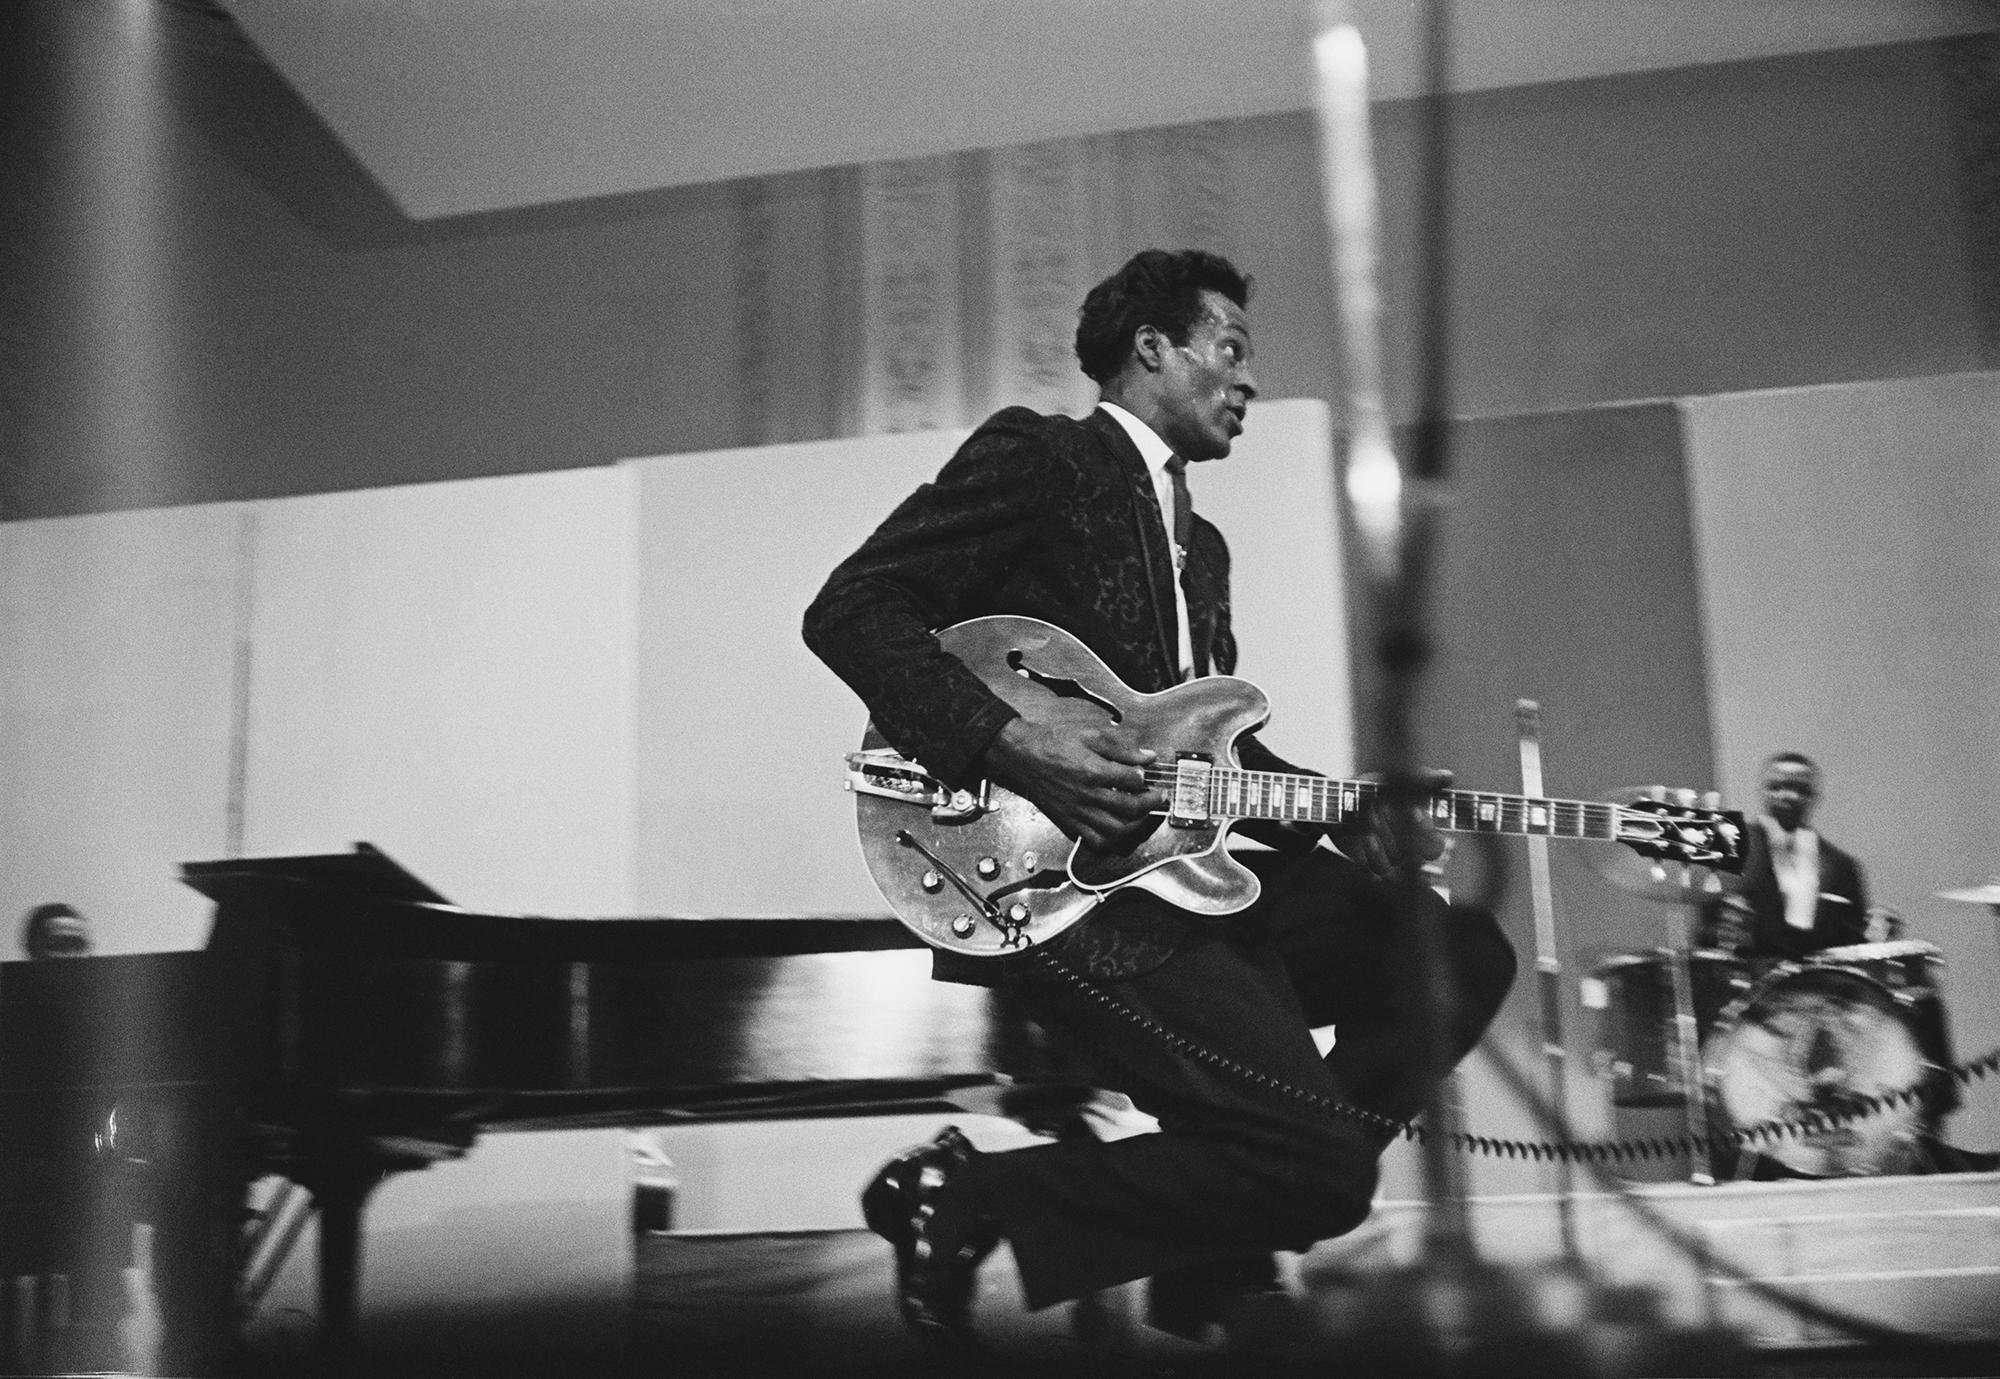 Chuck Berry fine art photography